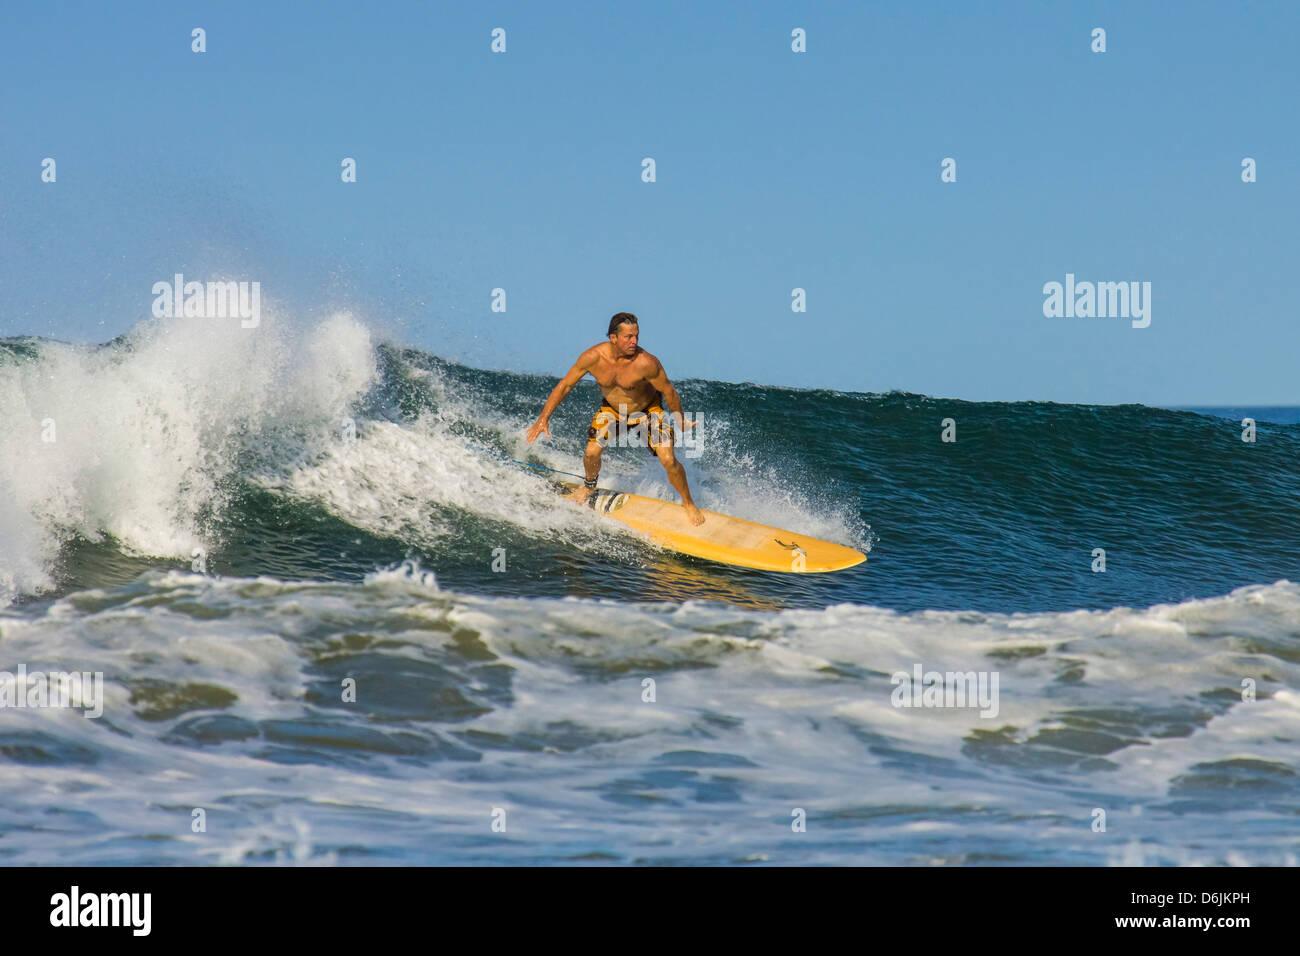 Surfer am Longboard auf Welle am beliebten Playa Guiones Surf Beach, Nosara, Nicoya Halbinsel, Provinz Guanacaste, Stockbild